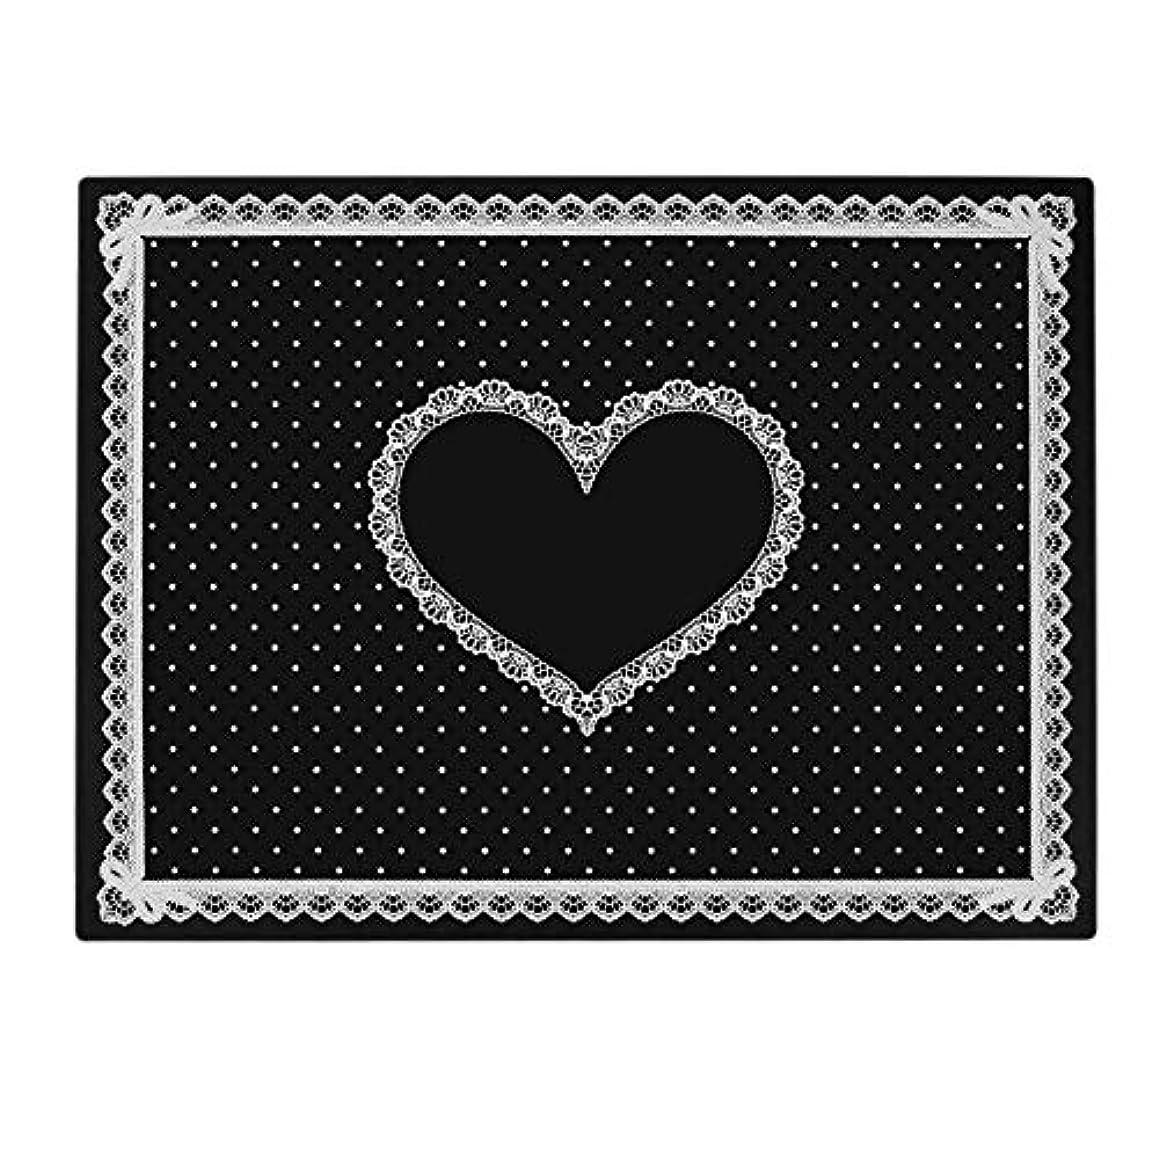 ランドリー密輸有能なYuyte 5色高品質の快適なシリコンハンドレストクッション枕-ネイルアートテーブルアーム手首パッドマニキュアサロン(14)